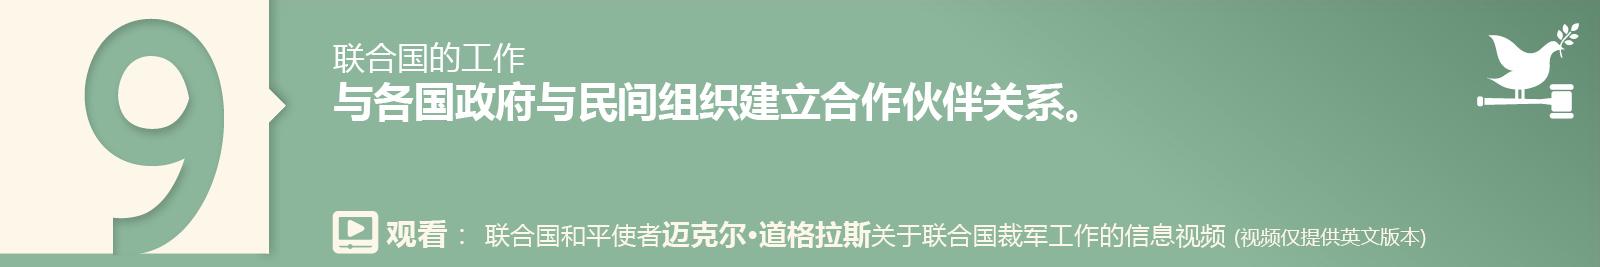 9. 与各国政府与民间组织建立合作伙伴关系。